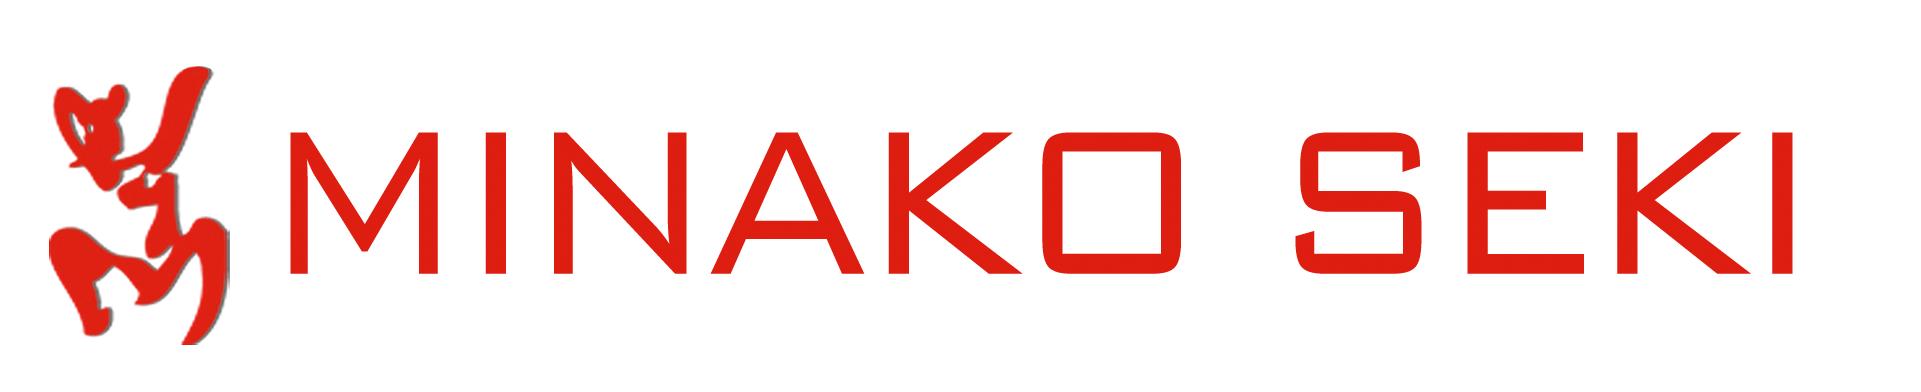 MinakoSeki